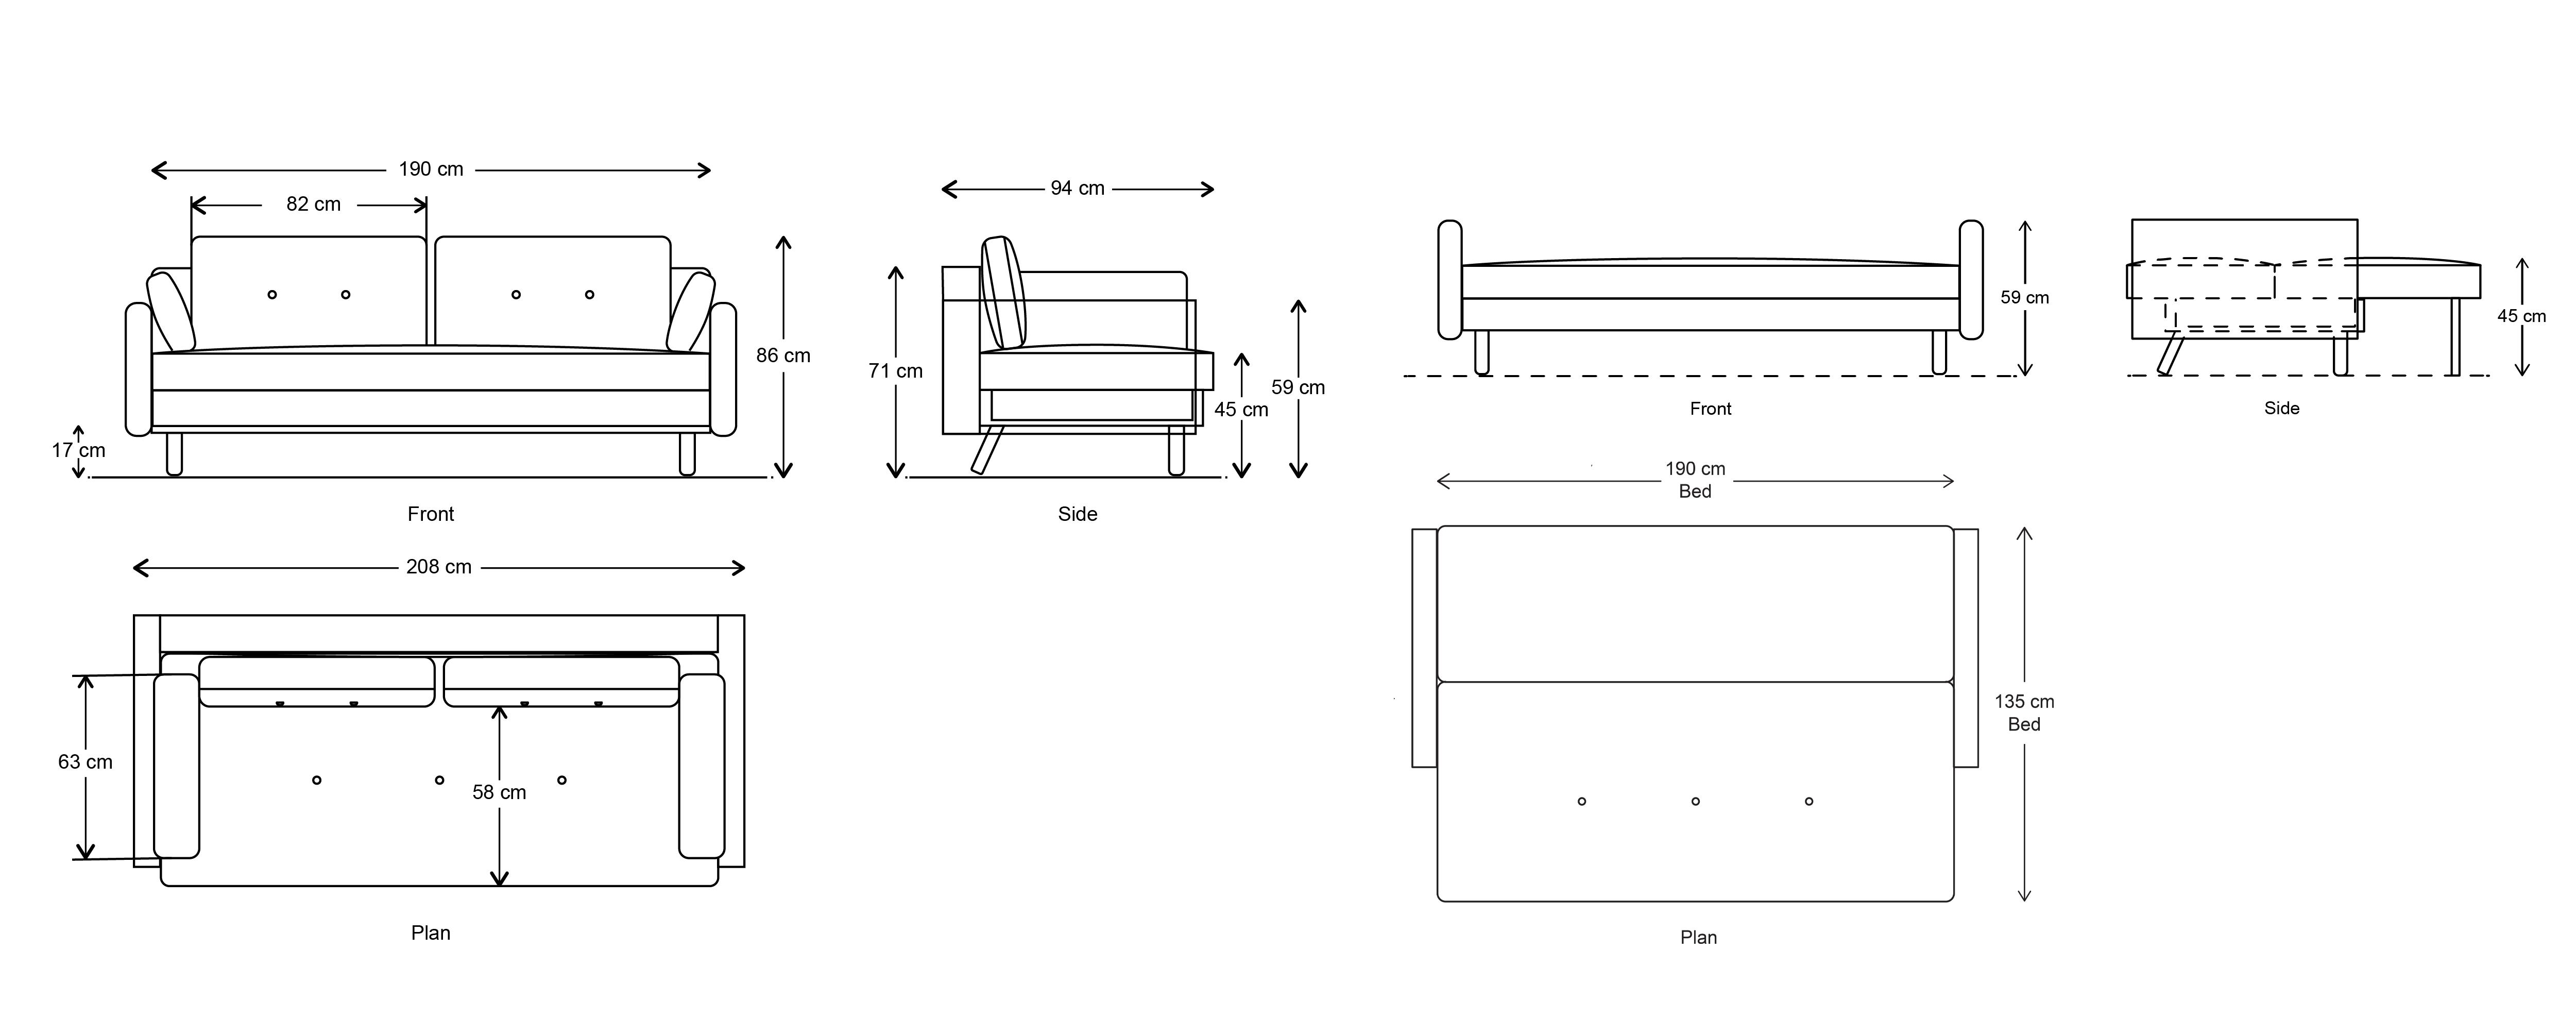 Model 04 Sofa Bed Dimension Drawings